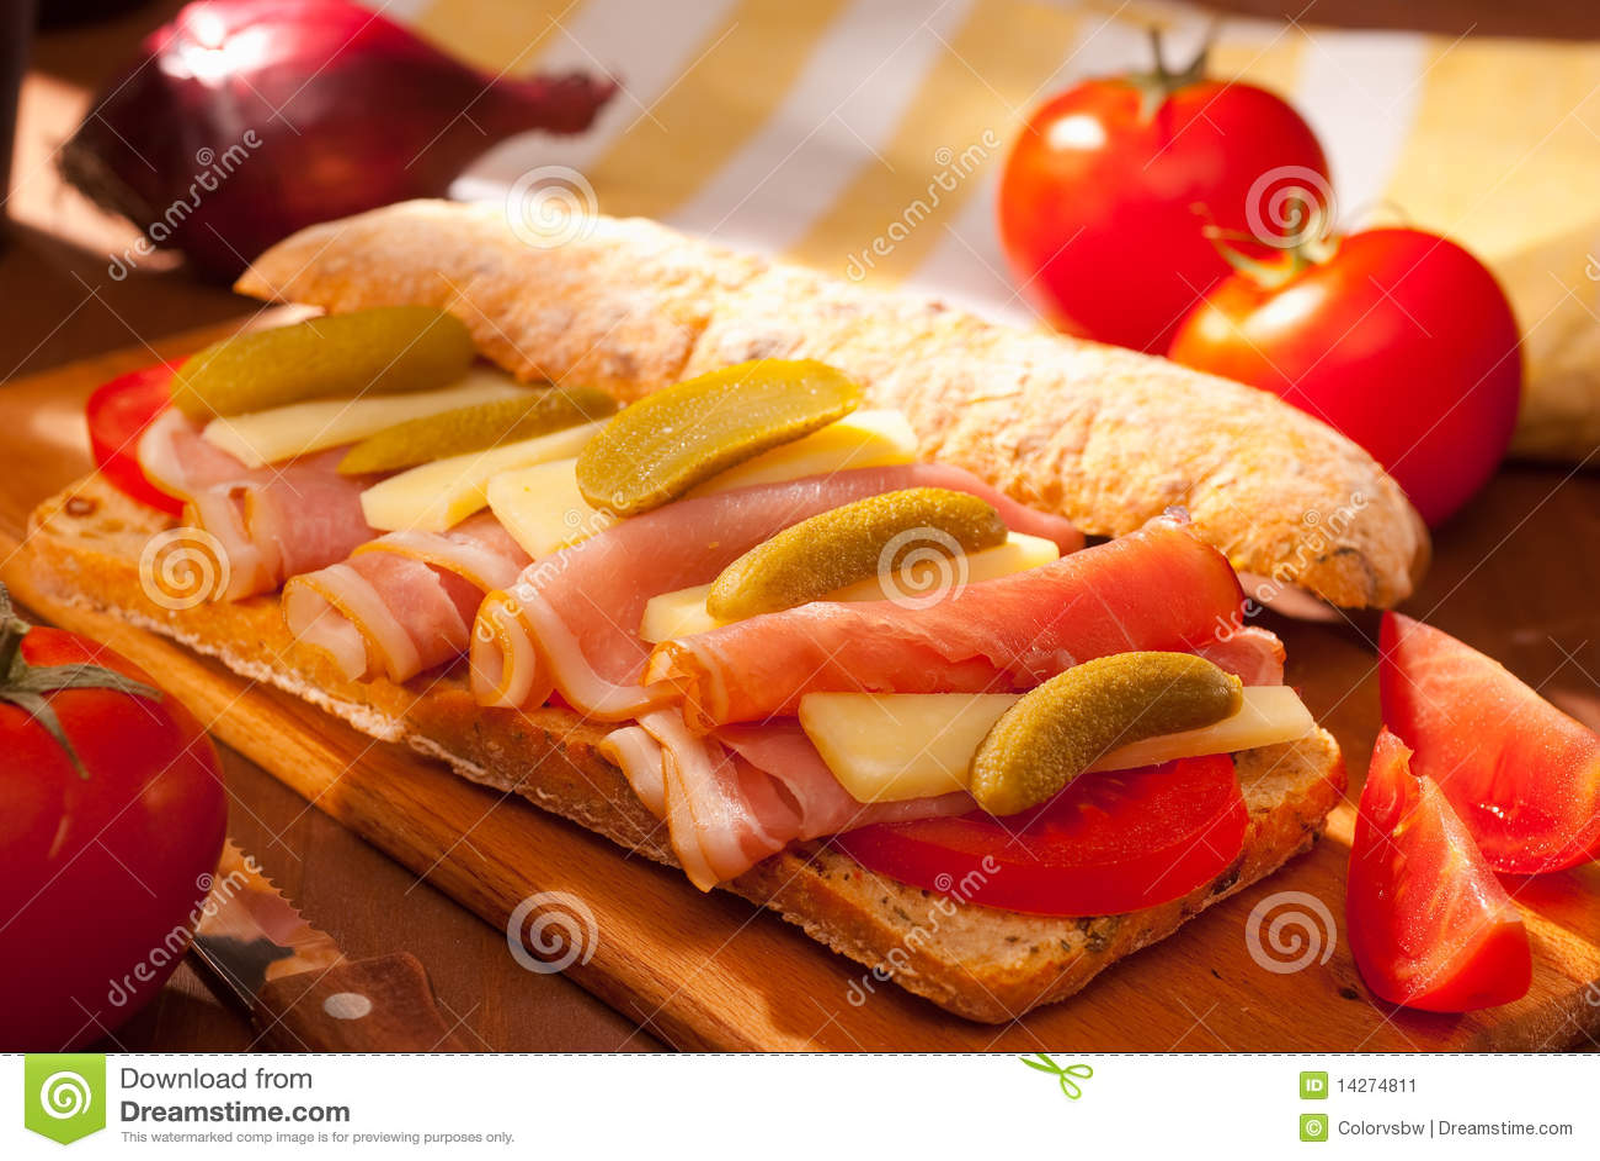 σάντουιτς ciabatta